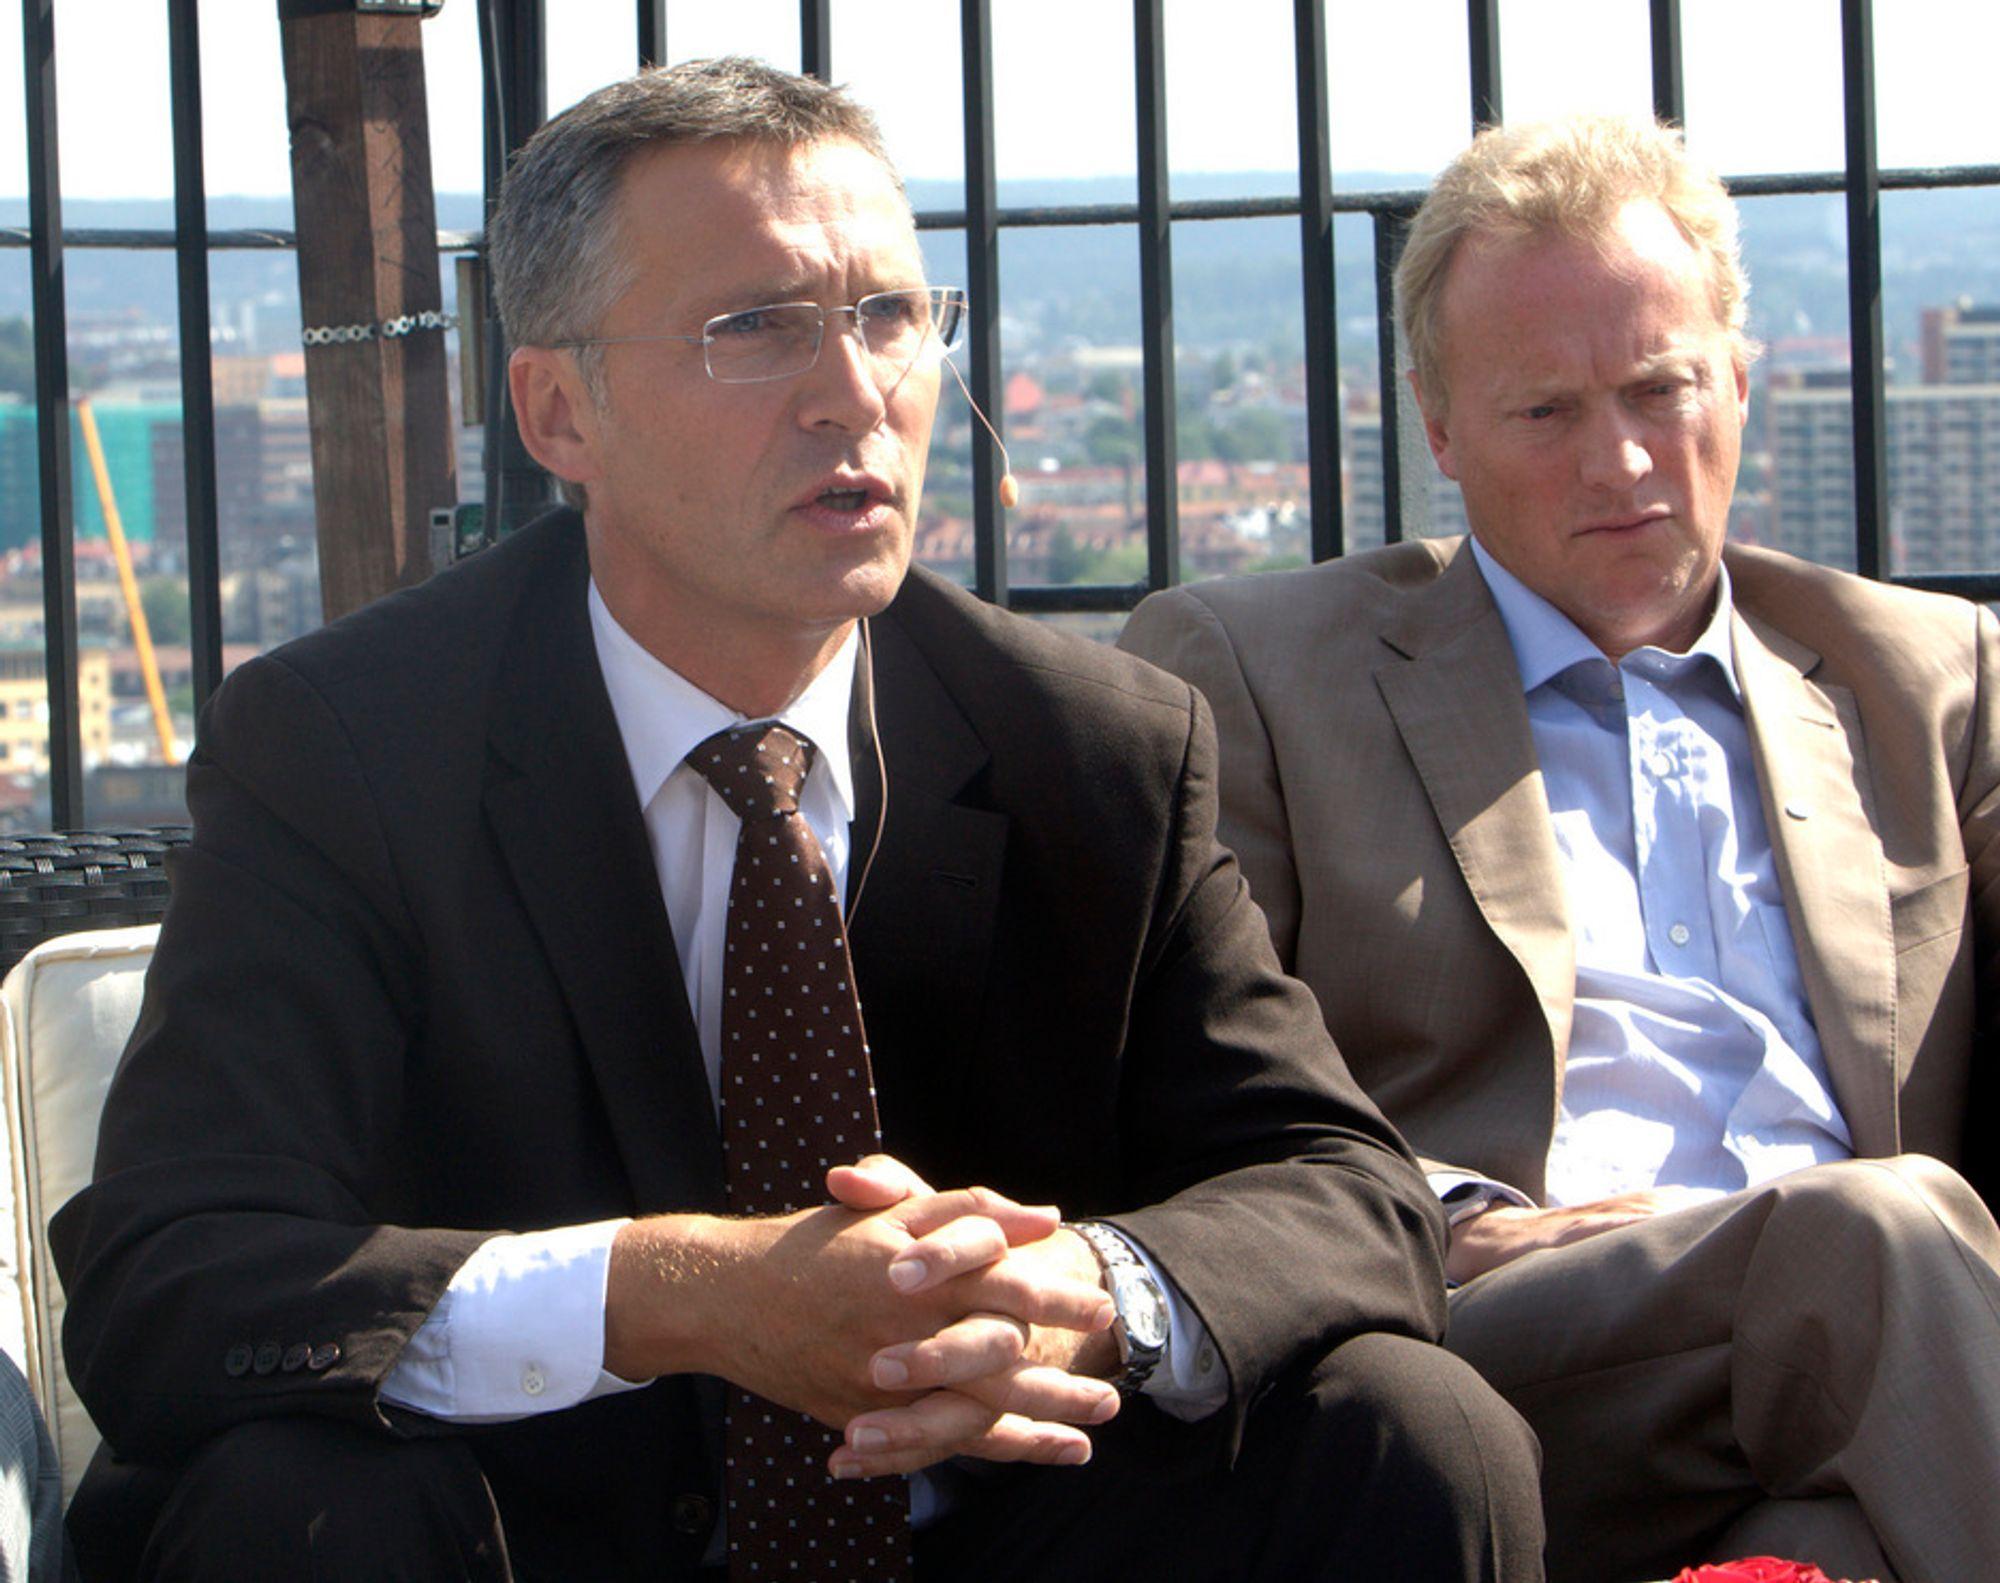 VANSKELIG: Arbeiderpartiets generalsekretær Raymond Johansen og statsminister Jens Stoltenberg sier begge at eldrebølgen gjør det svært vanskelig å gå inn for sekstimersdag i norsk arbeidsliv.